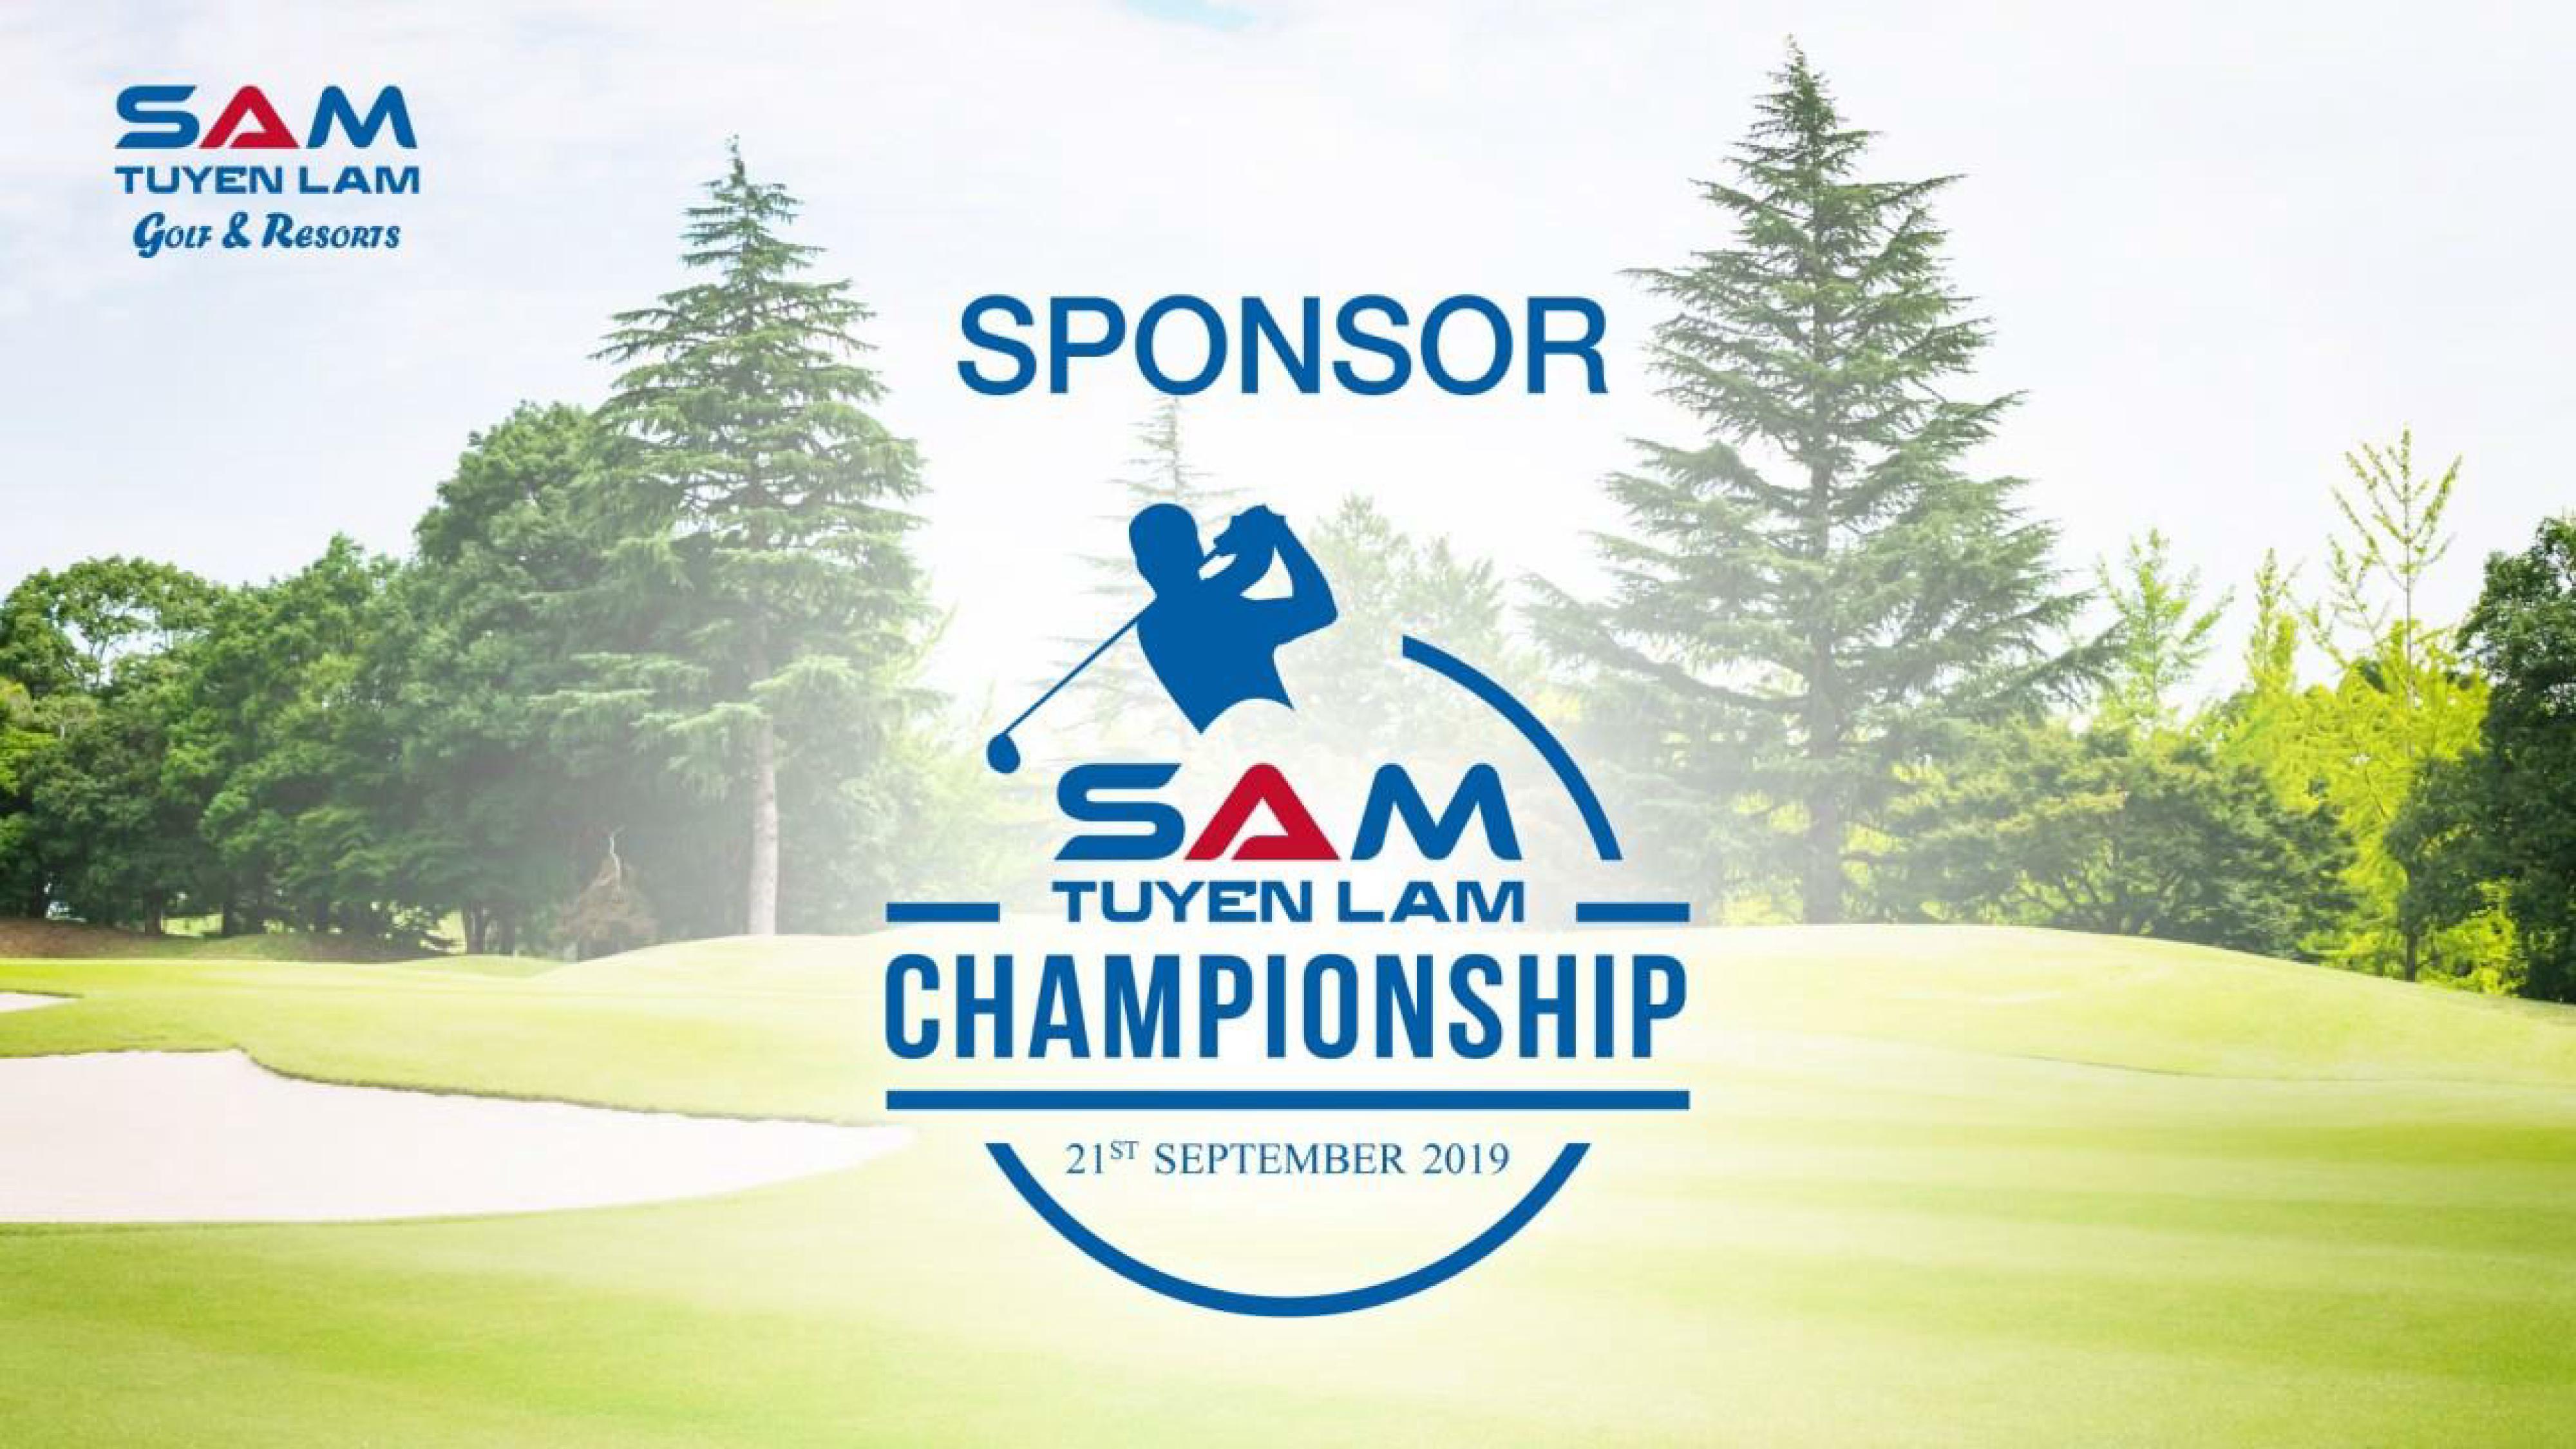 Thư mời tài trợ Giải Golf – SAM Tuyền Lâm Championship